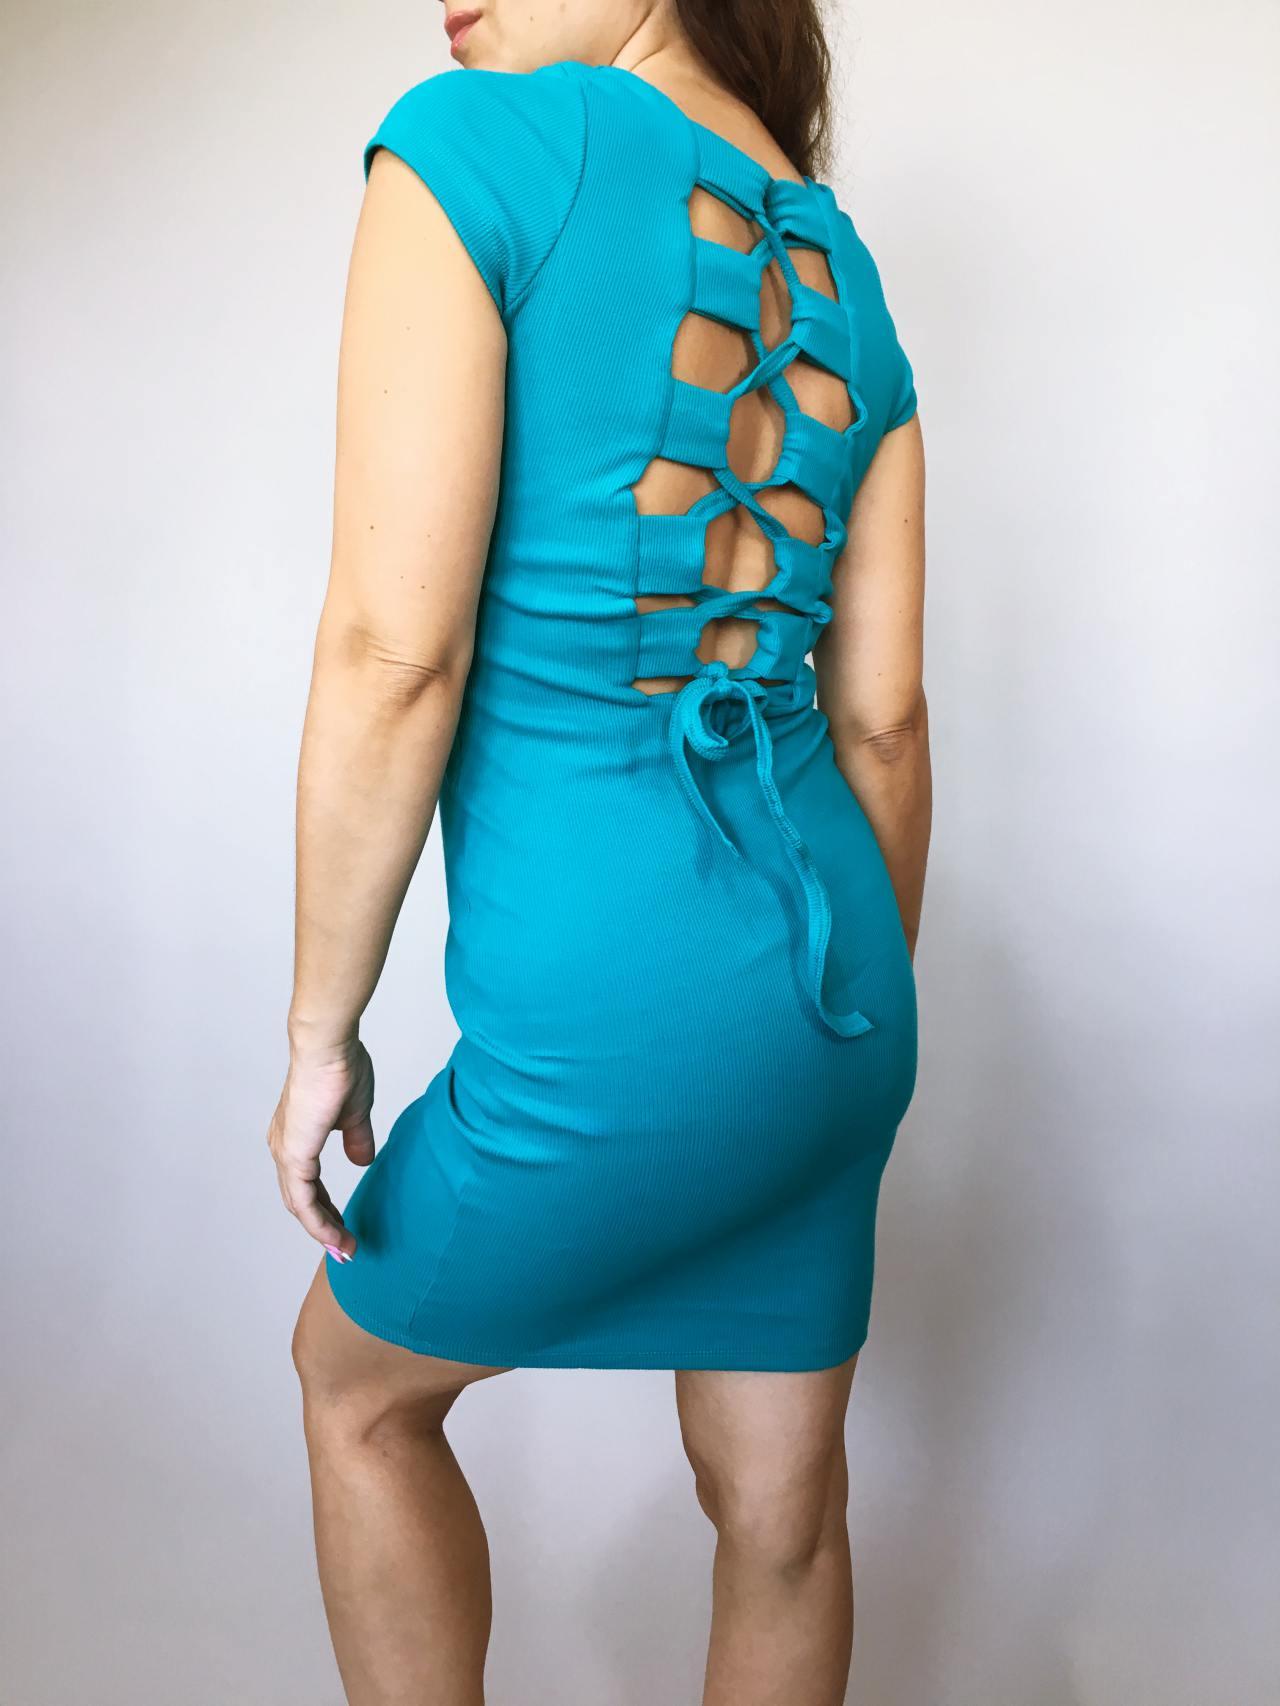 Šaty Jennifer modré 04